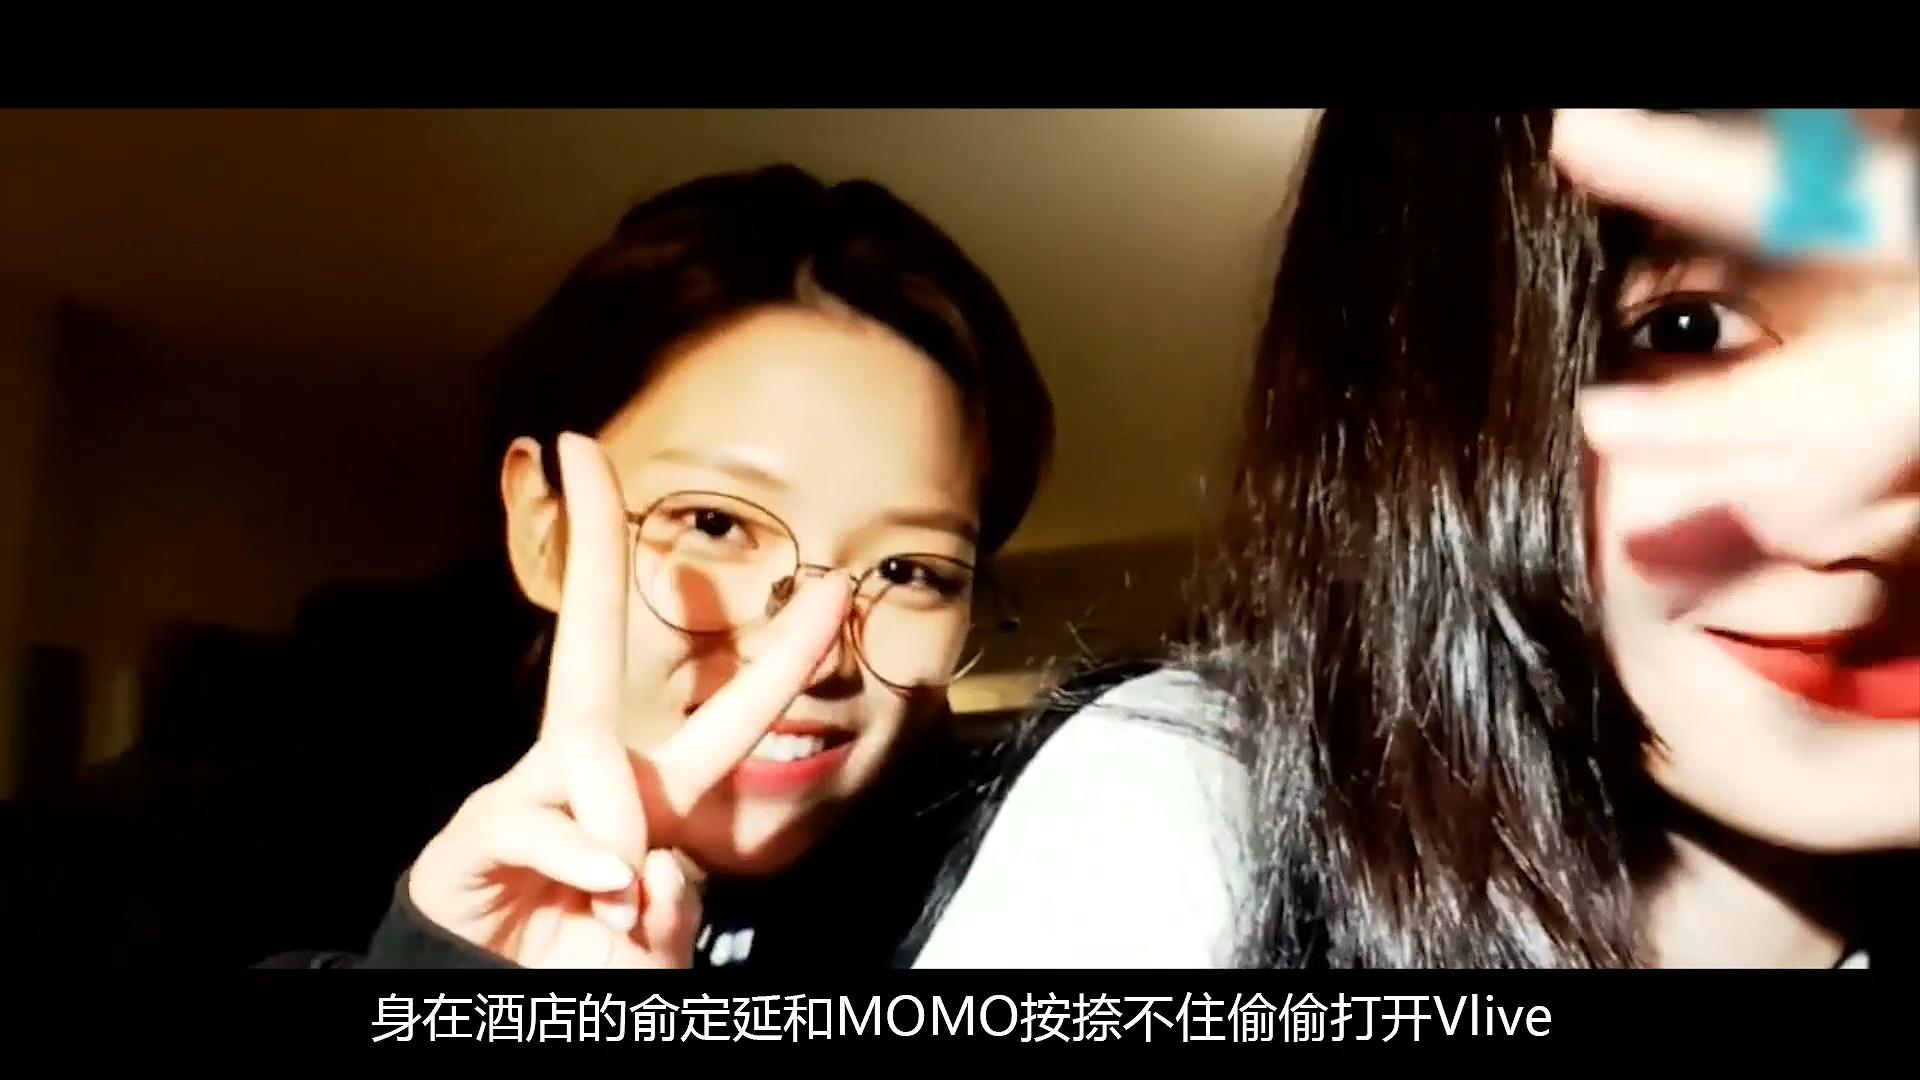 韩娱播报|韩顶级女团浴袍视频流出 男团为粉丝饿到贫血晕倒